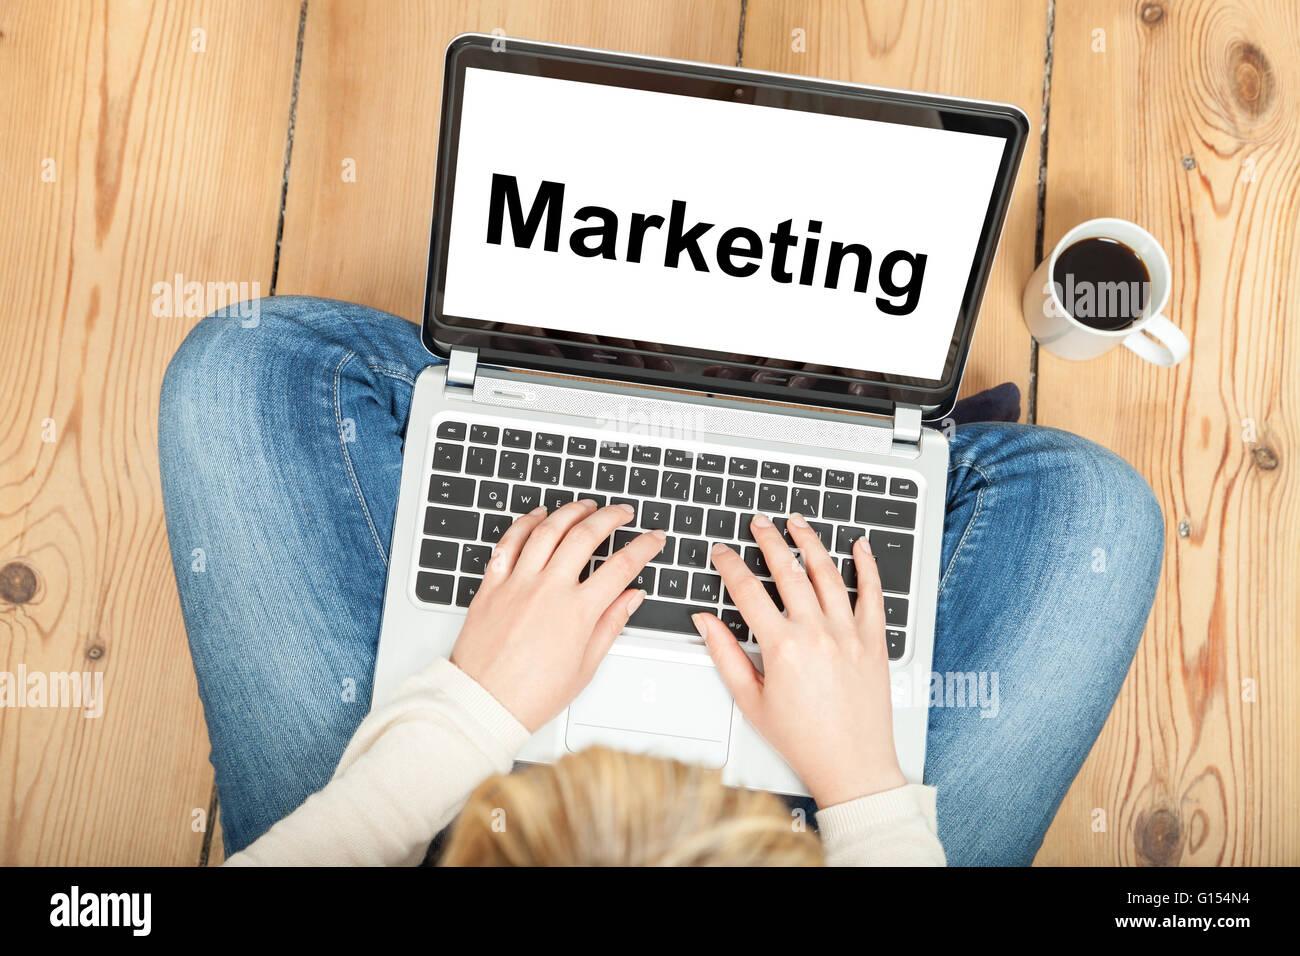 Marketing - Stock Image